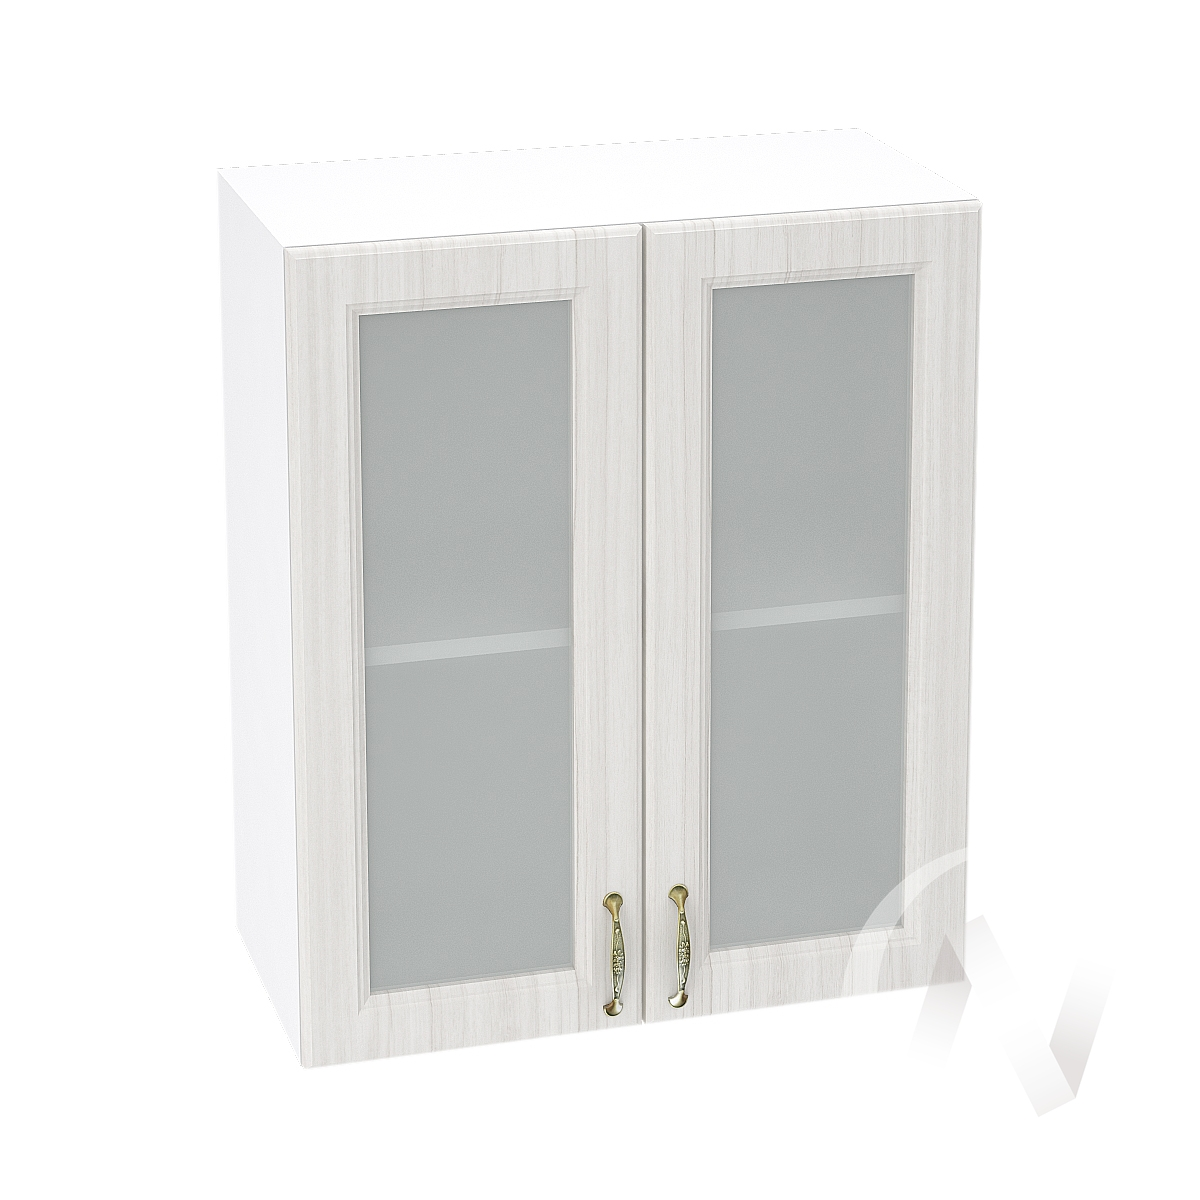 """Кухня """"Виктория"""": Шкаф верхний со стеклом 600, ШВС 600 новый (корпус белый)"""